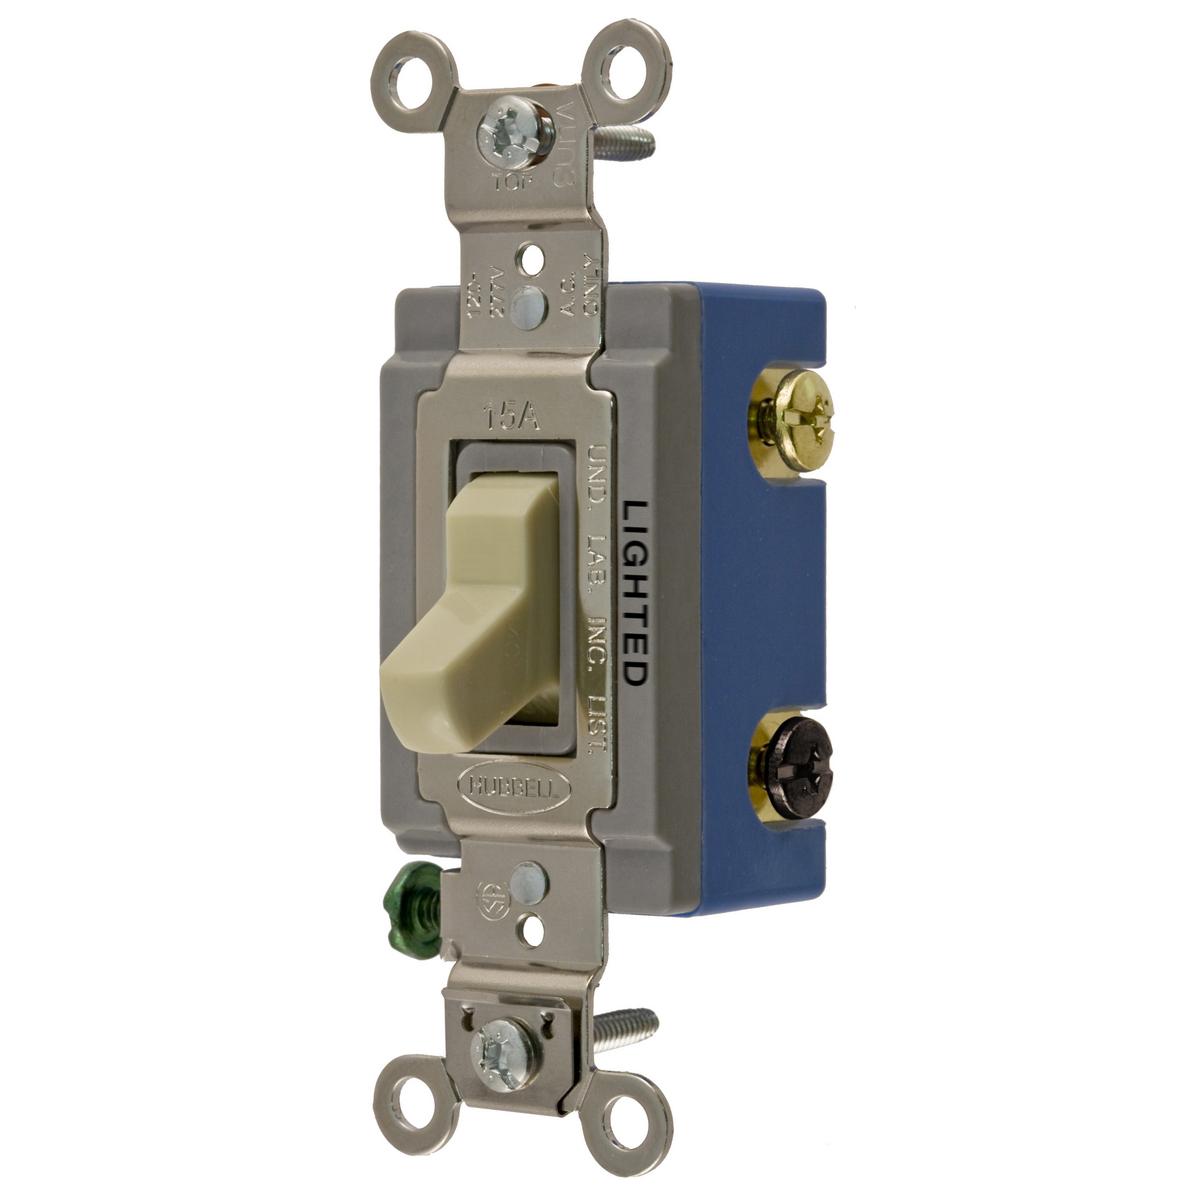 Hubbell HBL1203IL 15 Amp 120/277 VAC 3-Way Ivory Toggle Switch